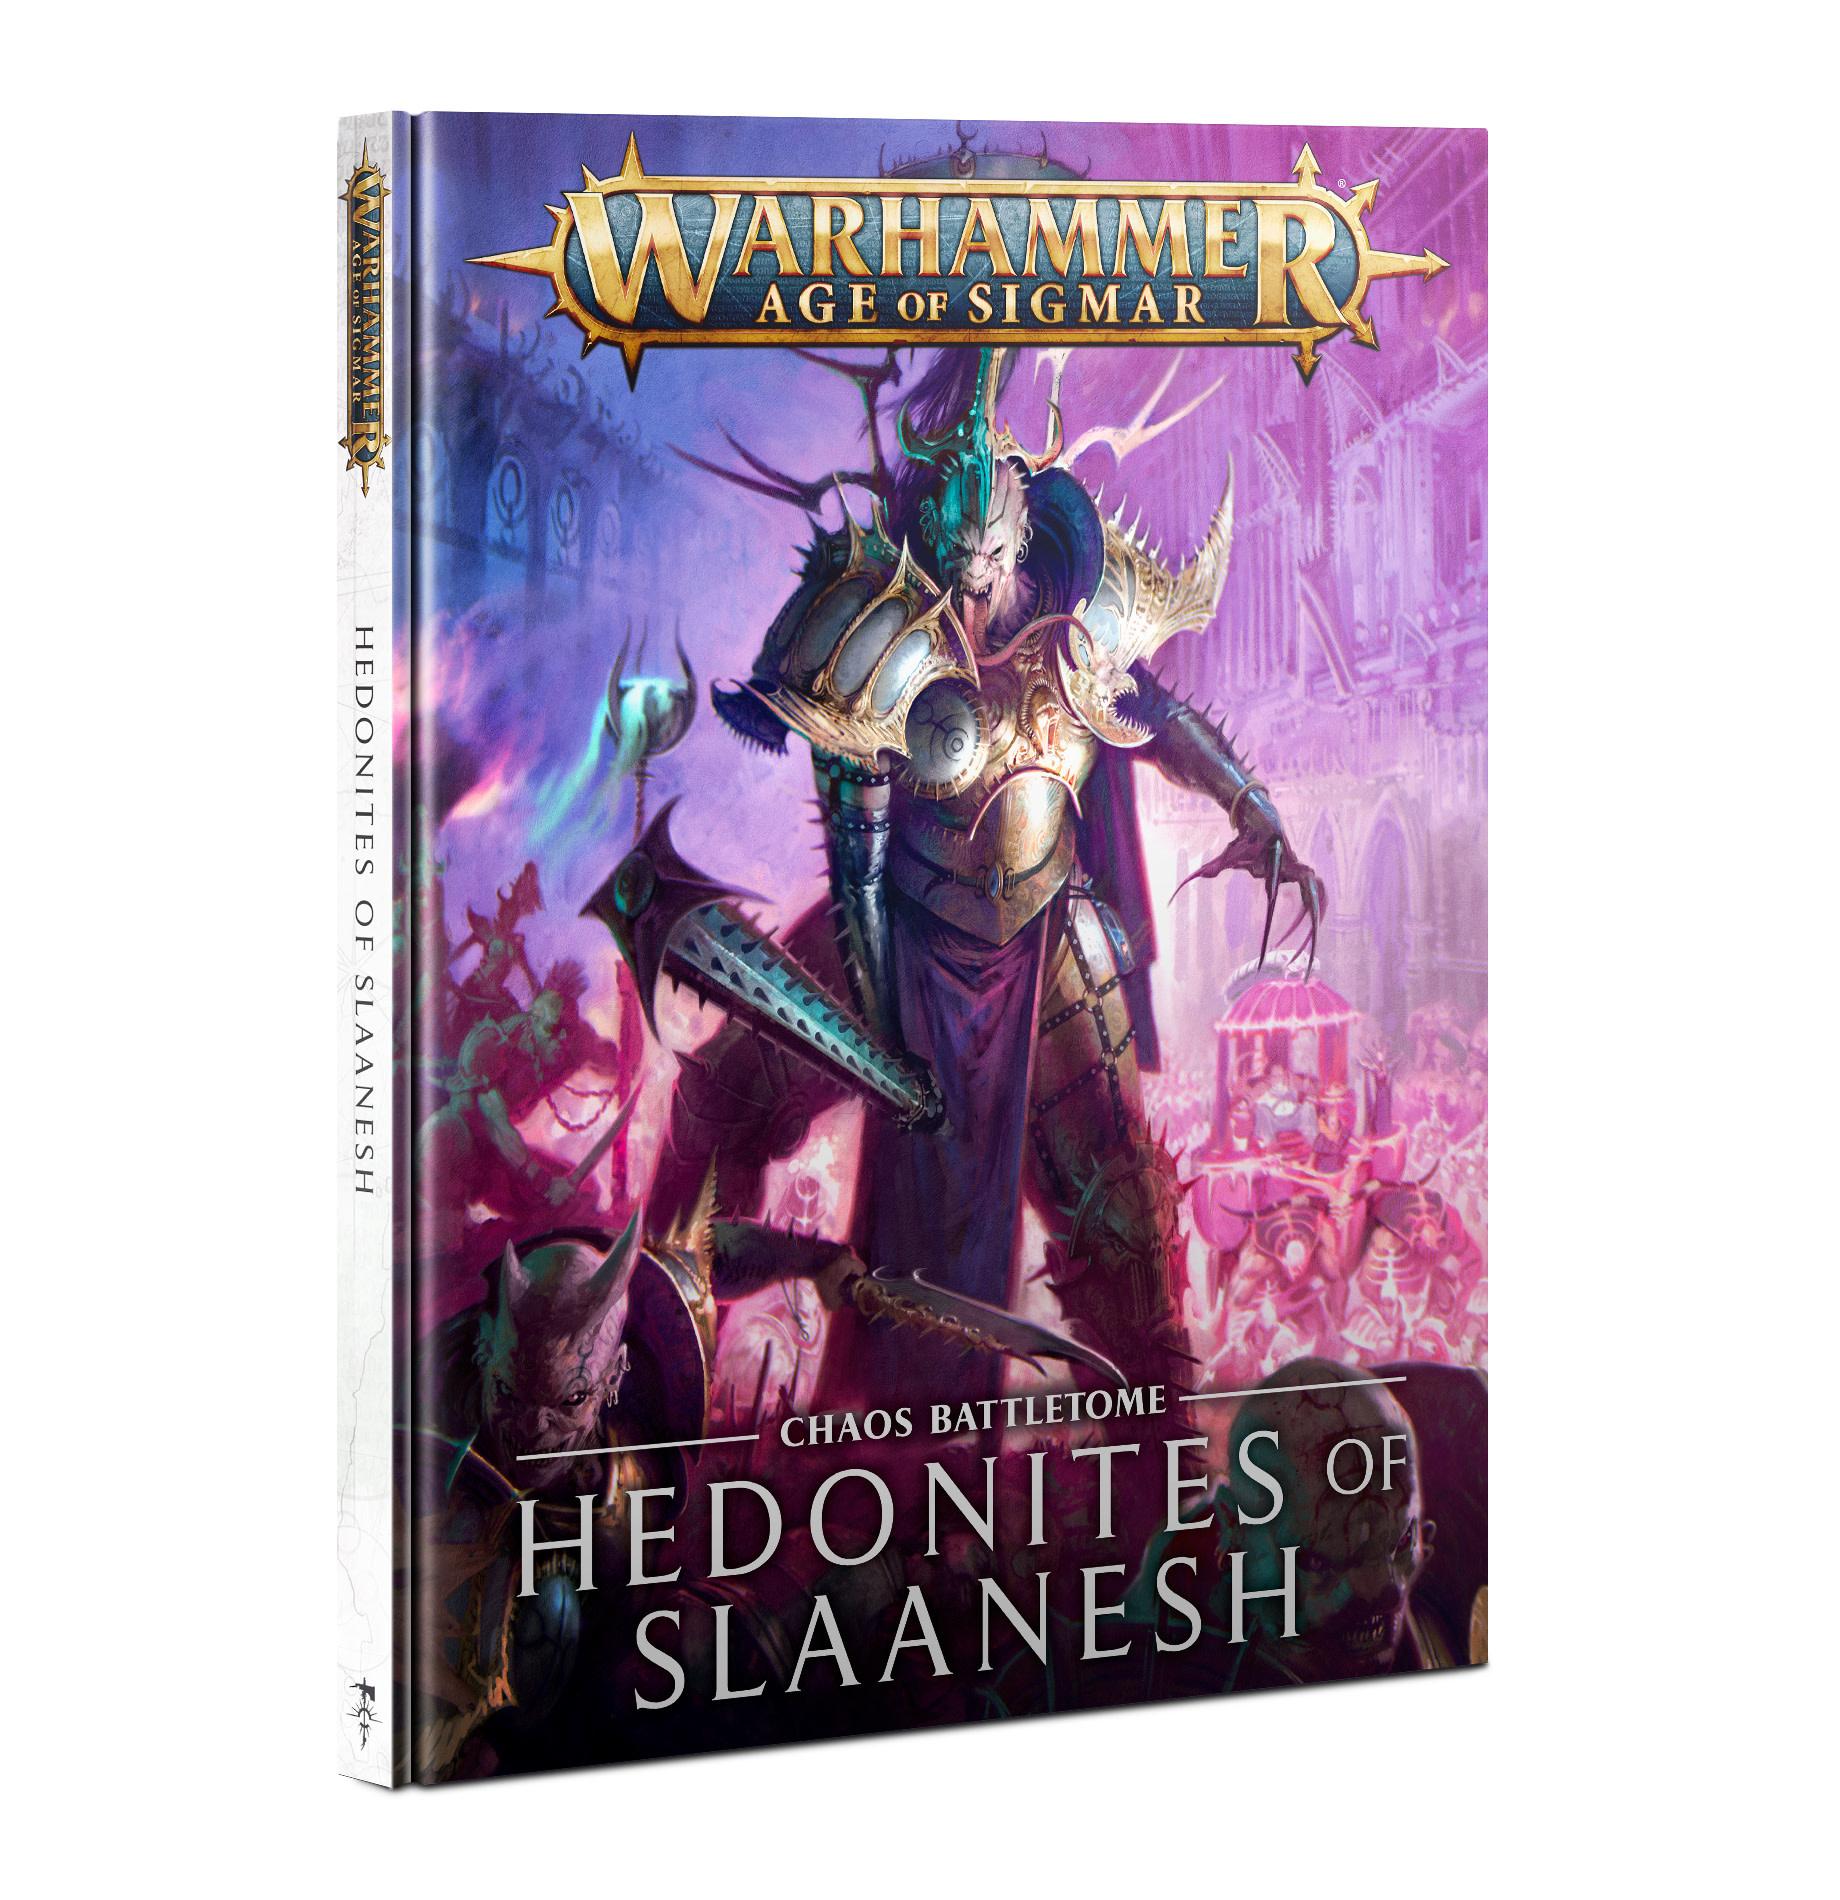 Battletome: Hedonites of Slaanesh (HB) (FR)